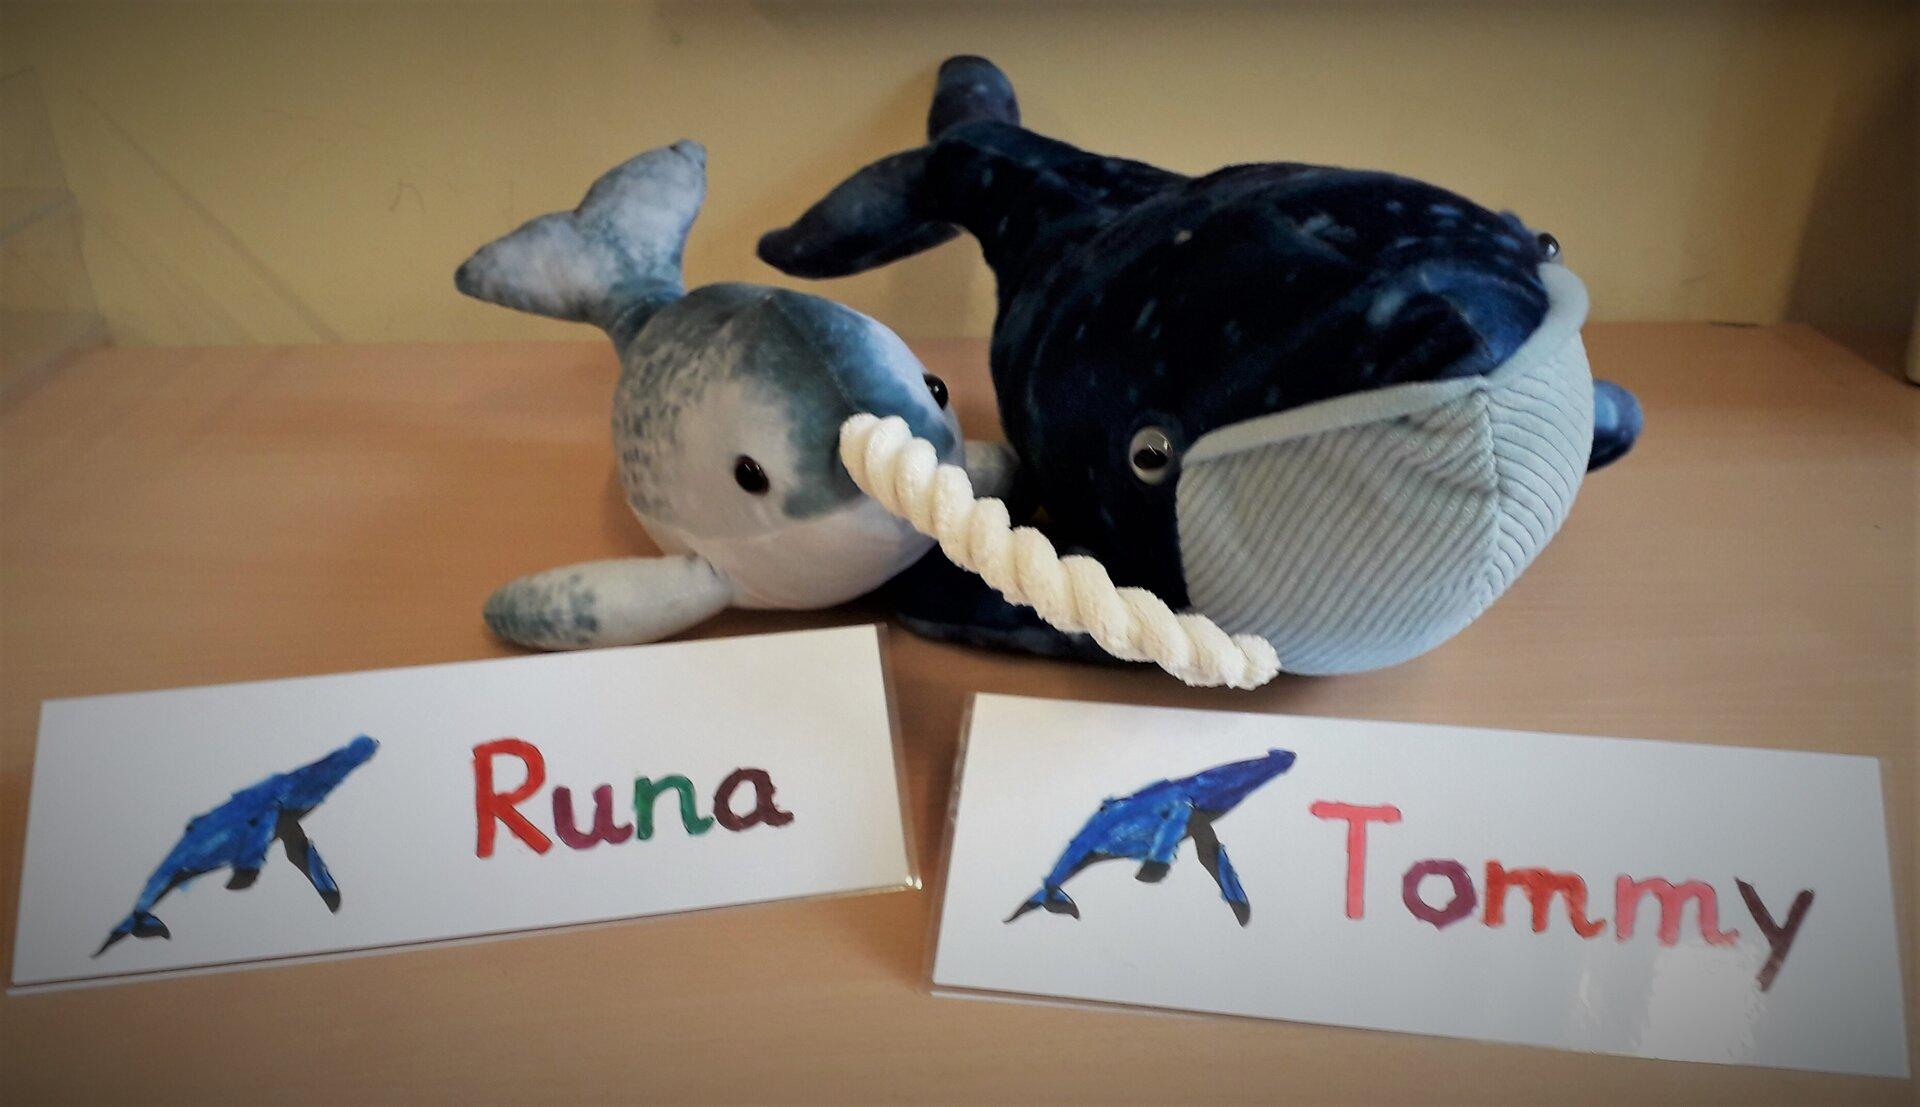 Runa und Tommy